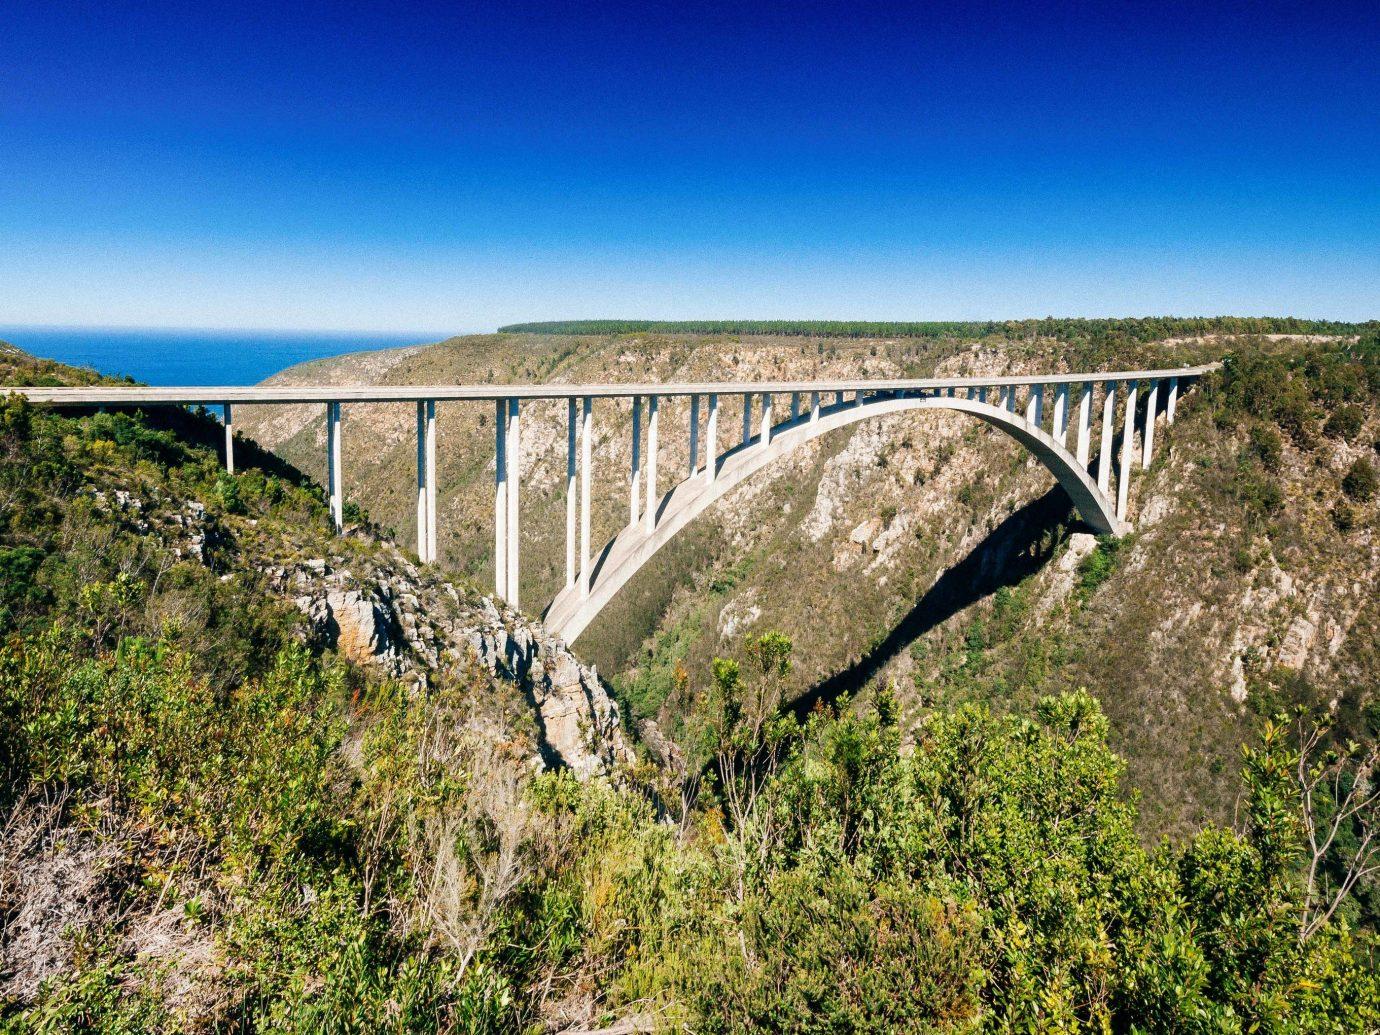 Bloukrans Bungy bridge viaduct arch bridge sky aqueduct concrete bridge escarpment reservoir fixed link devil's bridge landscape formation tree beam bridge national park